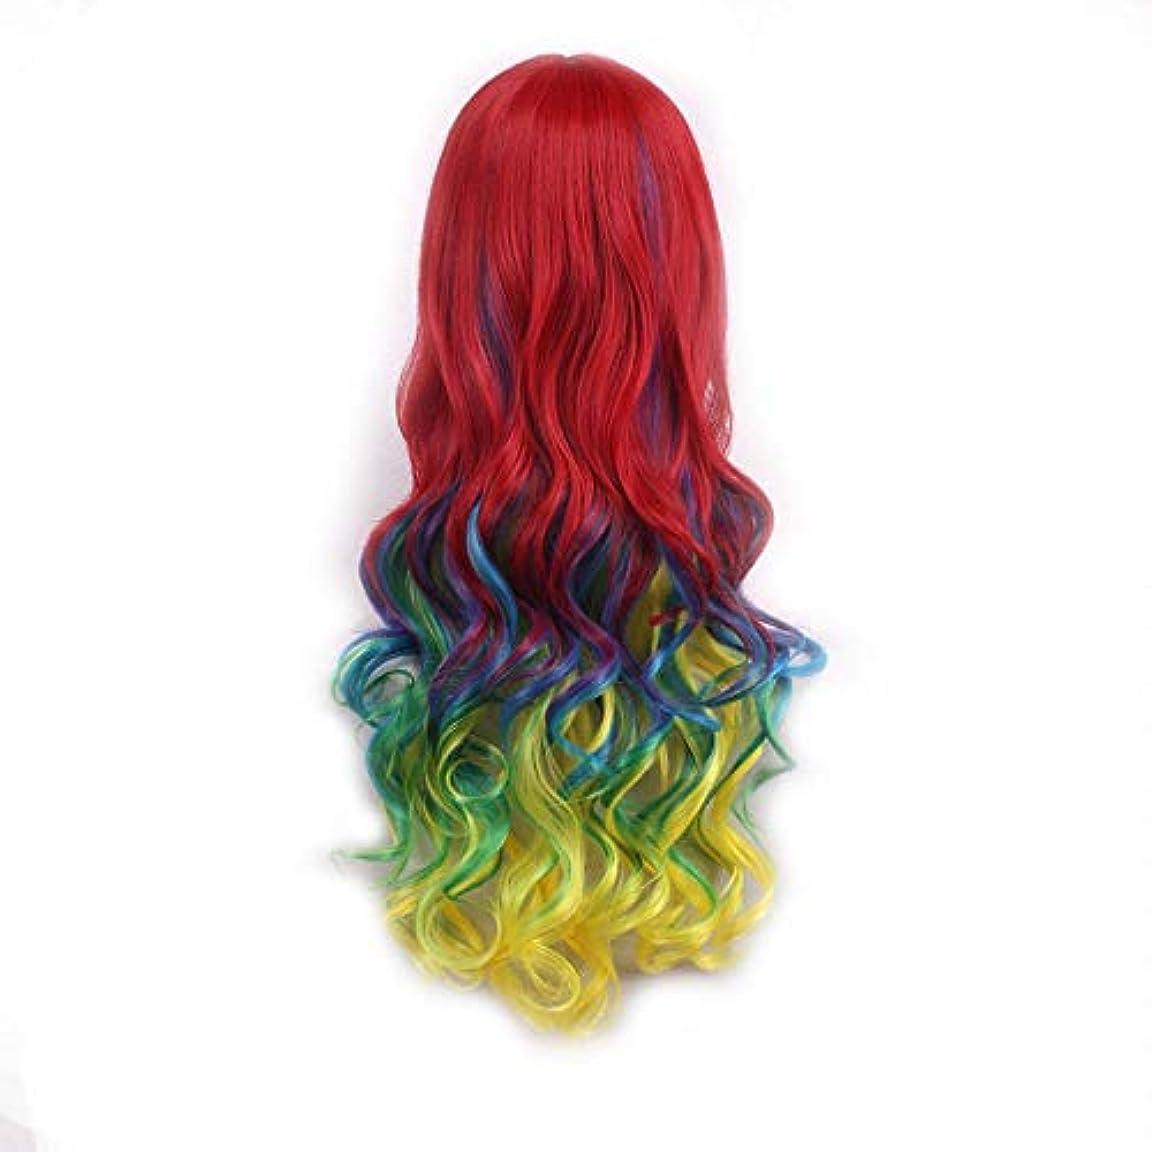 解体する優先拷問ウィッグキャップウィッグロングファンシードレスストレート&カールウィッグレディース高品質な合成色の髪のコスプレ高密度ウィッグ女性と女の子 (Color : Curls)